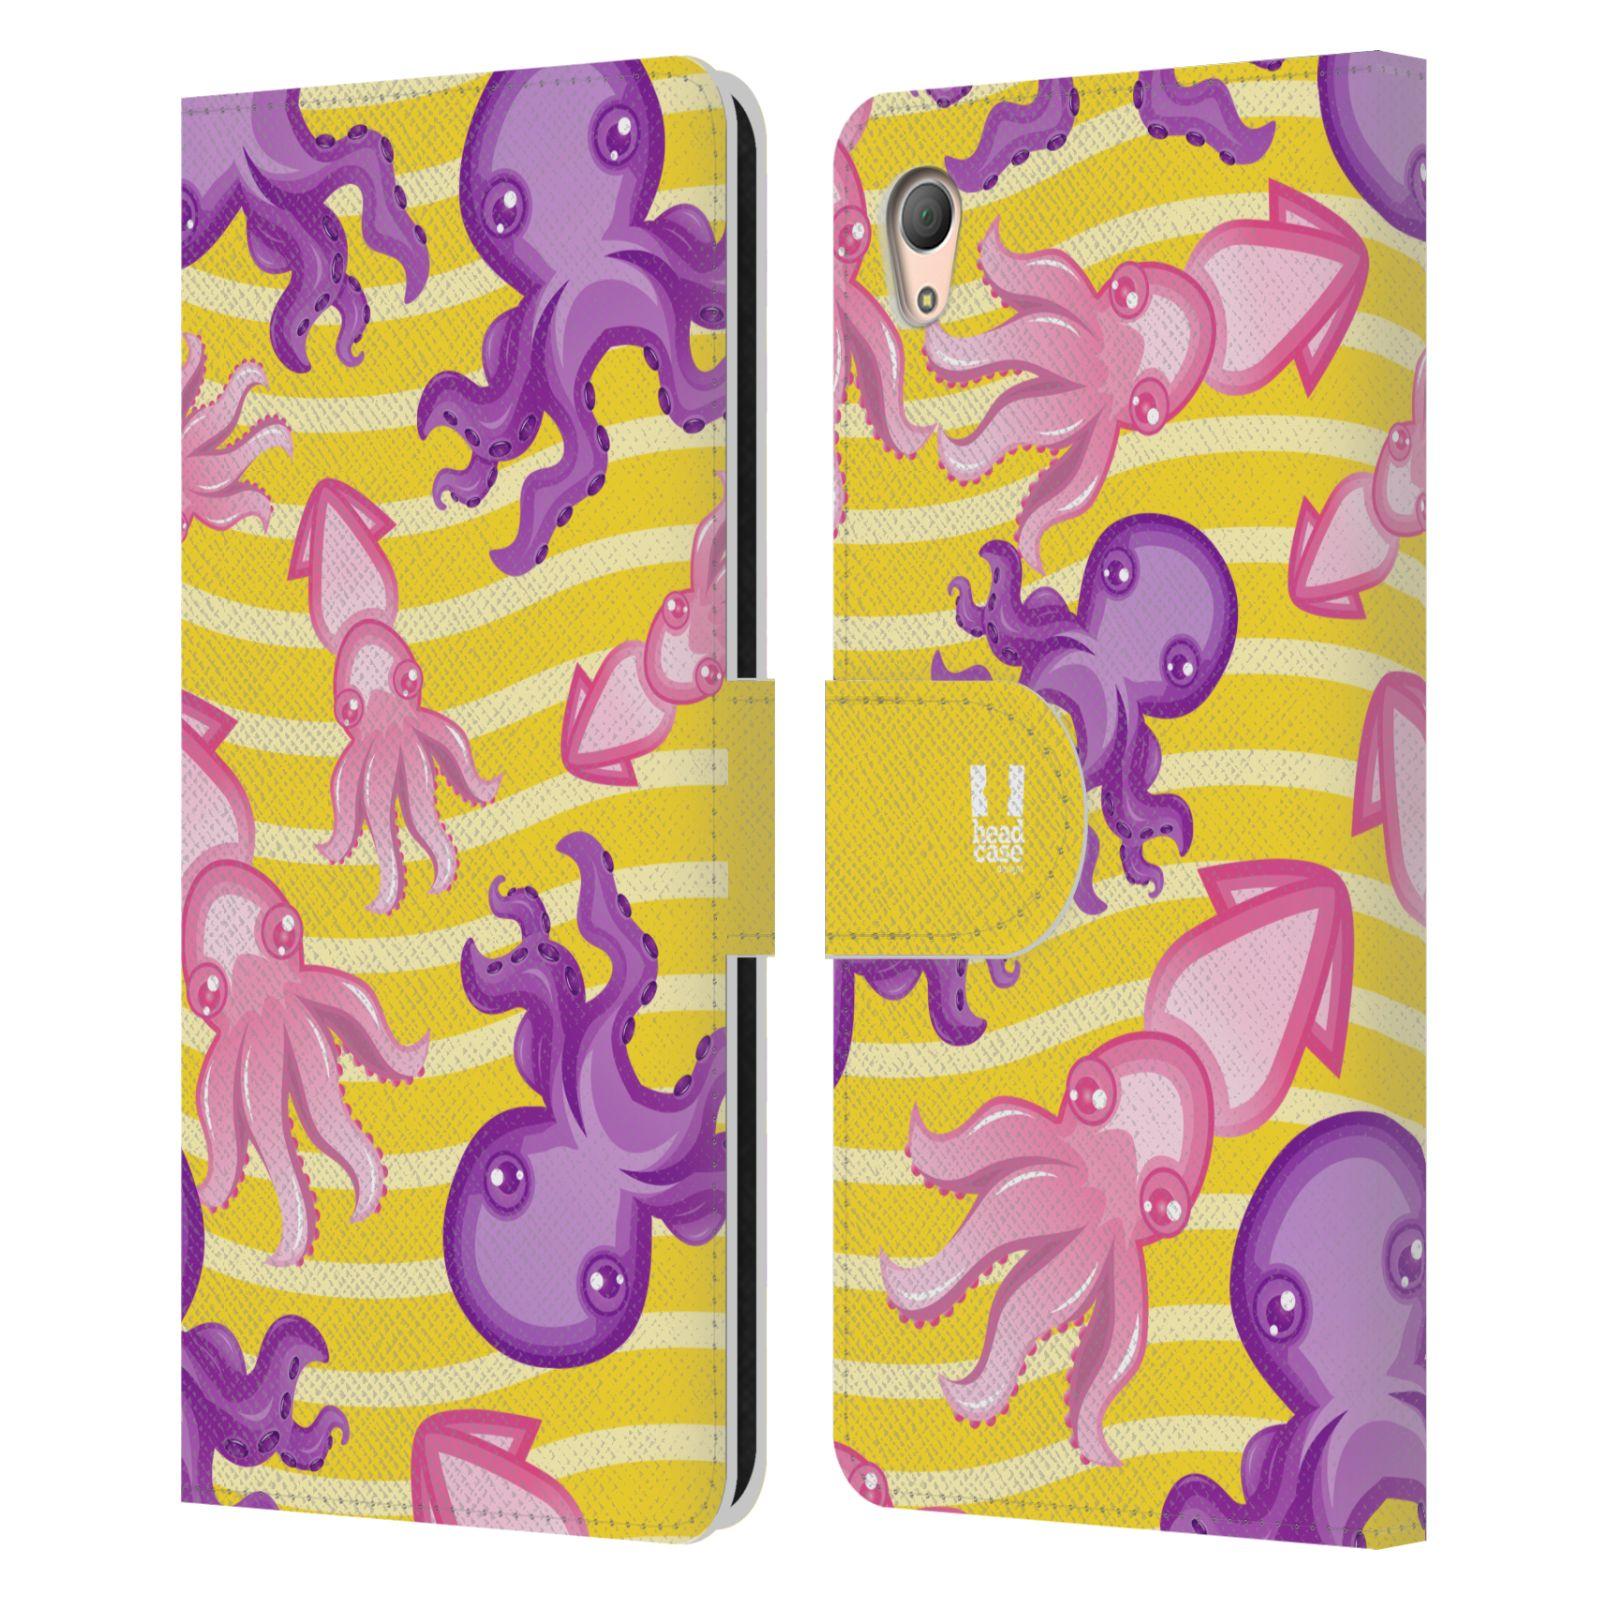 HEAD CASE Flipové pouzdro pro mobil SONY XPERIA Z3+ (PLUS) Mořský živočich chobotnice a krakatice žlutá barva